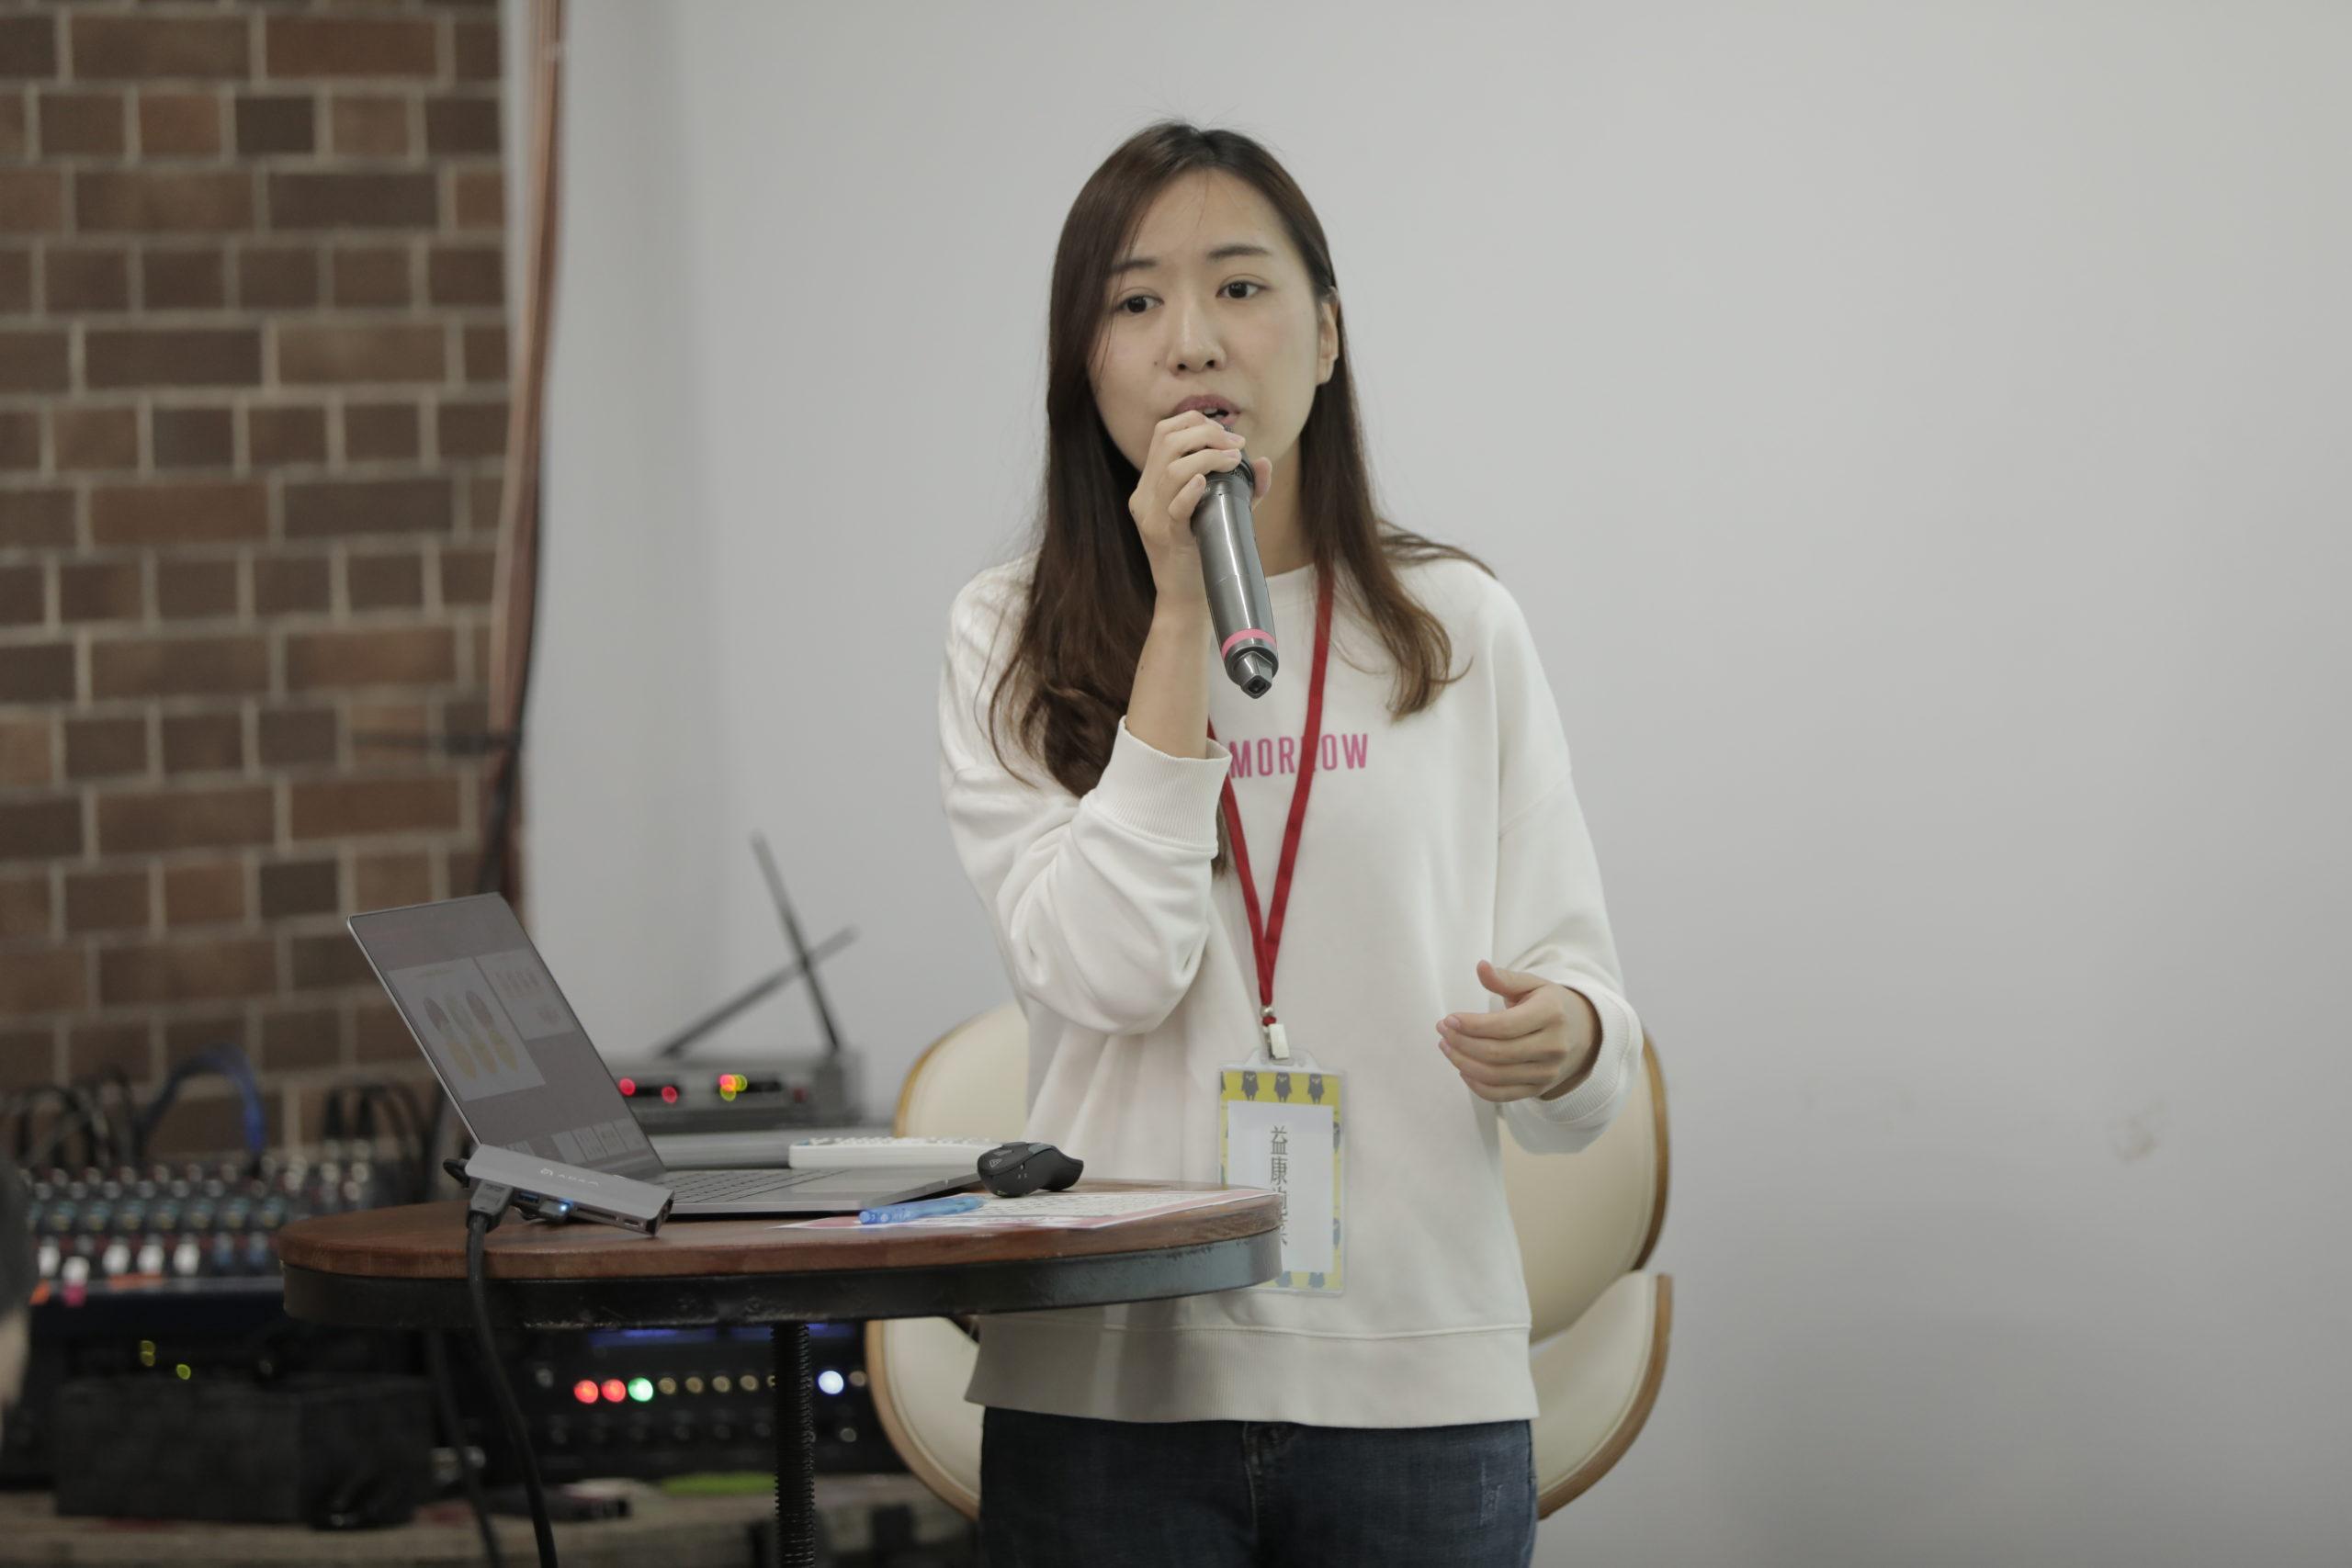 益康泡菜廠商代表說明團購產品。/圖:微微平台